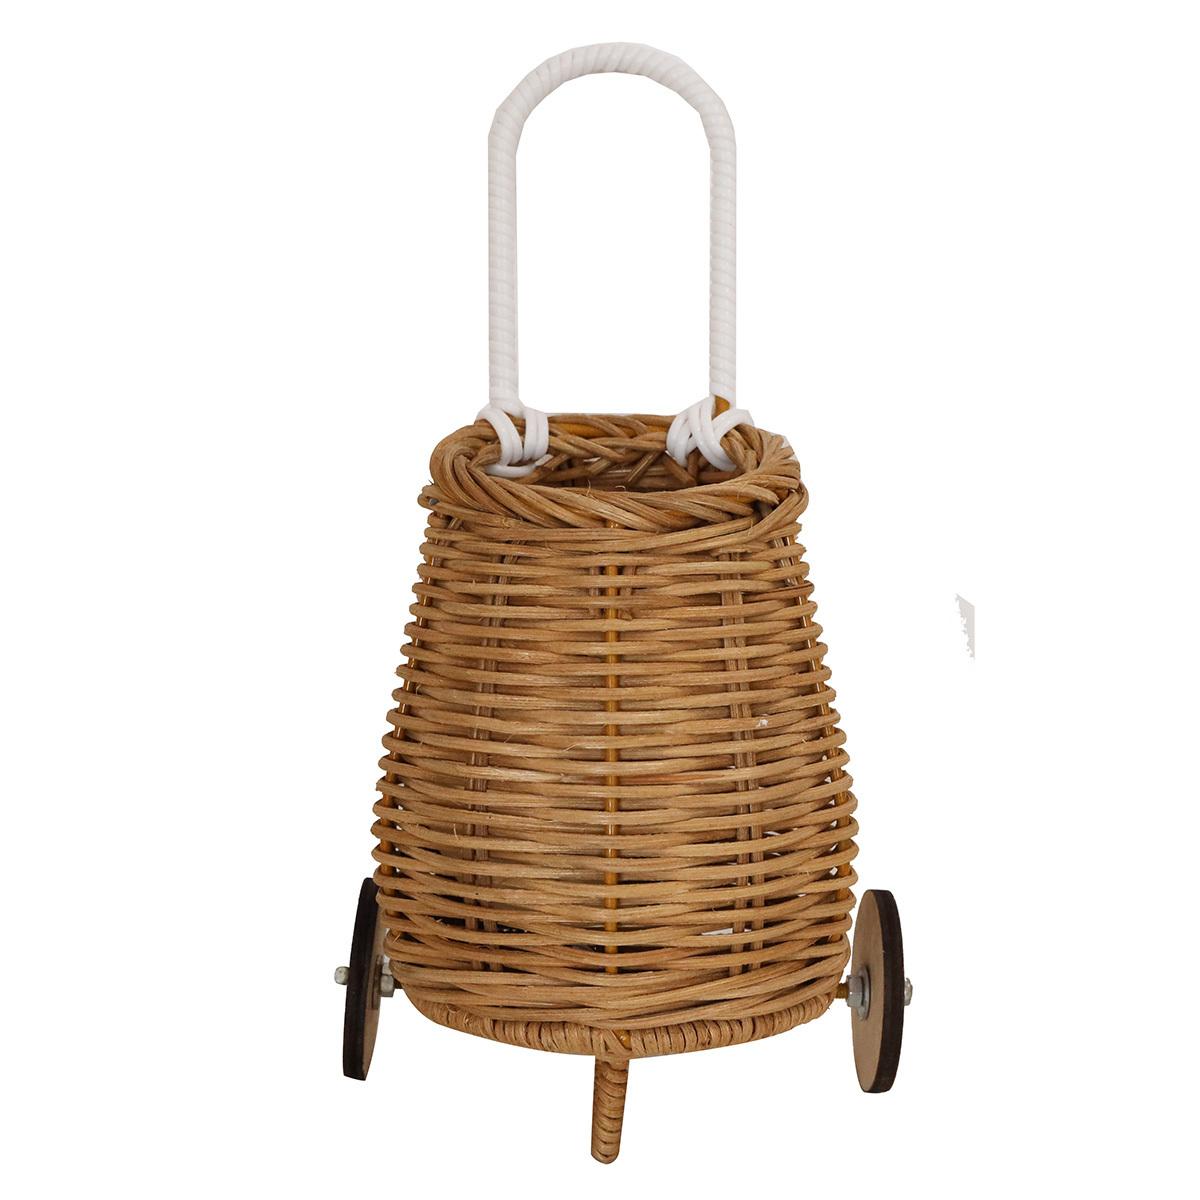 Mes premiers jouets Panier pour Poupée en Rotin Luggy - Naturel Panier pour Poupée en Rotin Luggy - Naturel